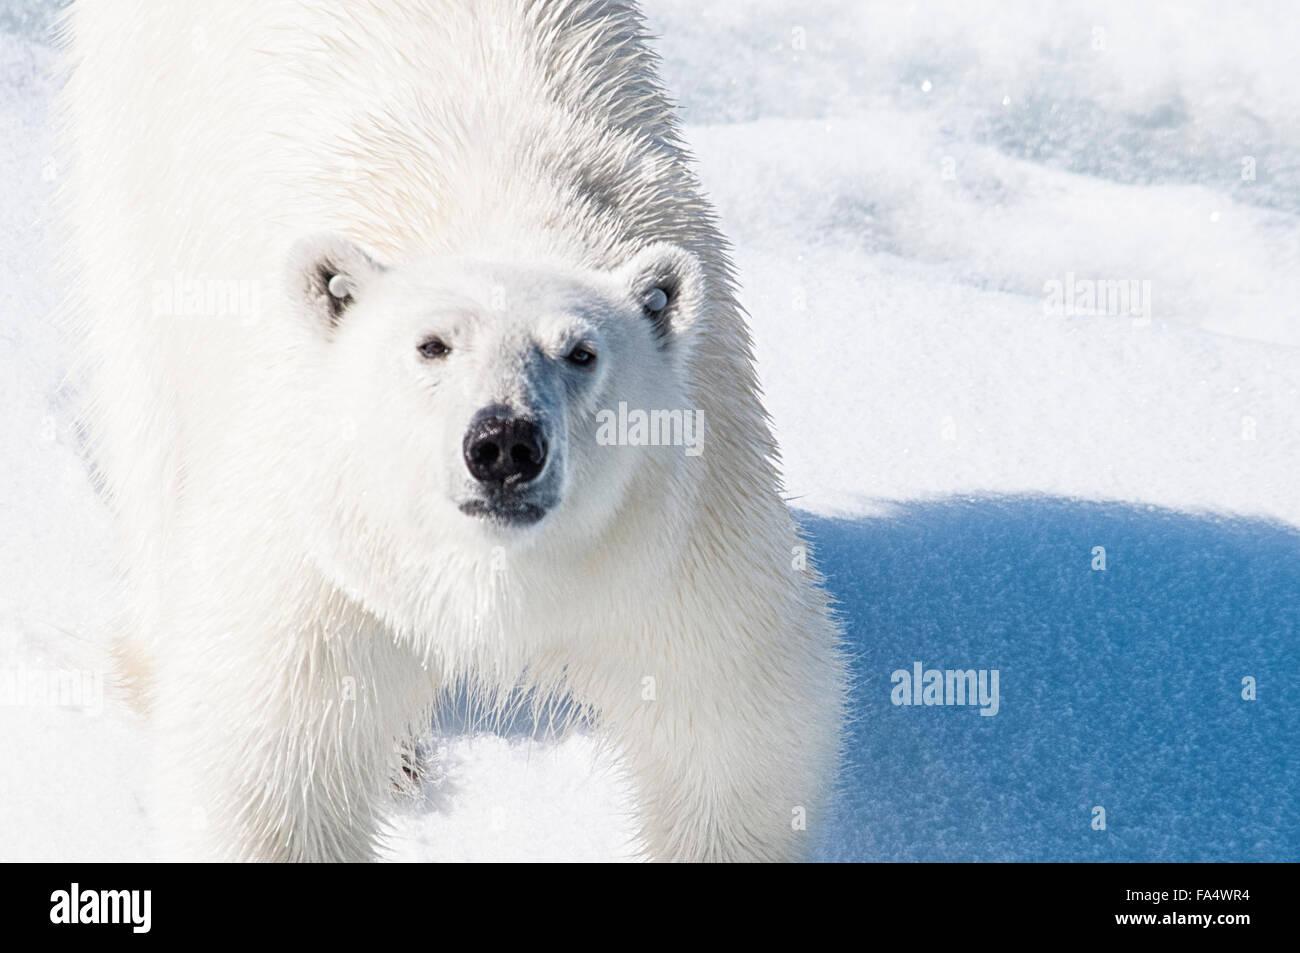 Cerca de un adulto joven Oso Polar con etiquetas en sus oídos, de modo que pueden ser rastreados , Ursus maritimus, Imagen De Stock